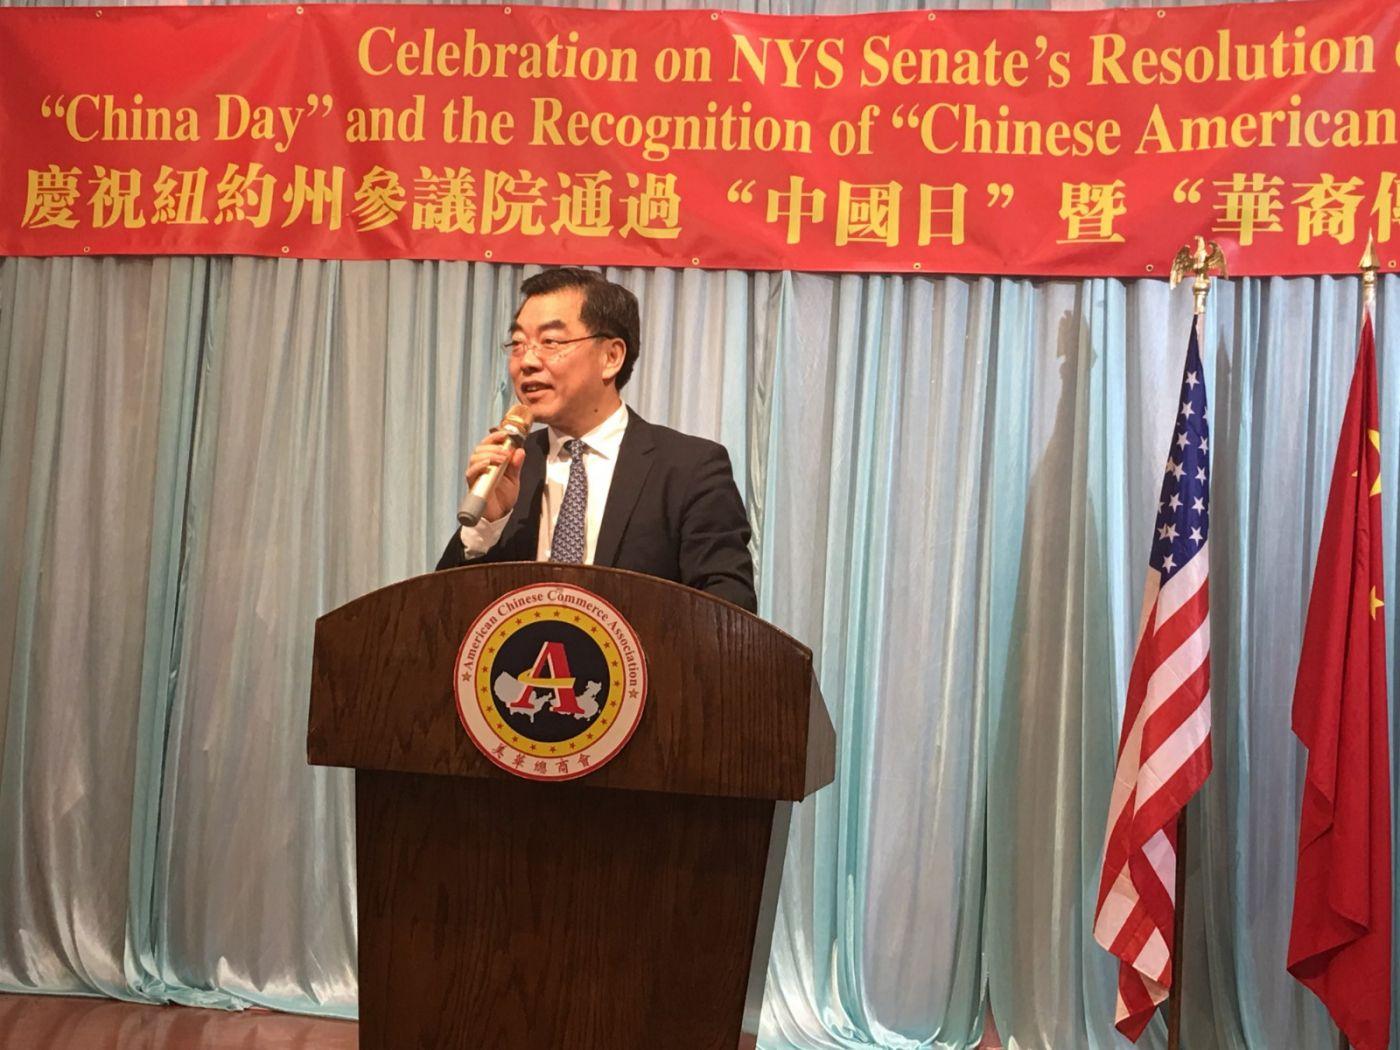 紐約州參議院通過「中國日」決議案慶祝会在紐約舉行_图1-9